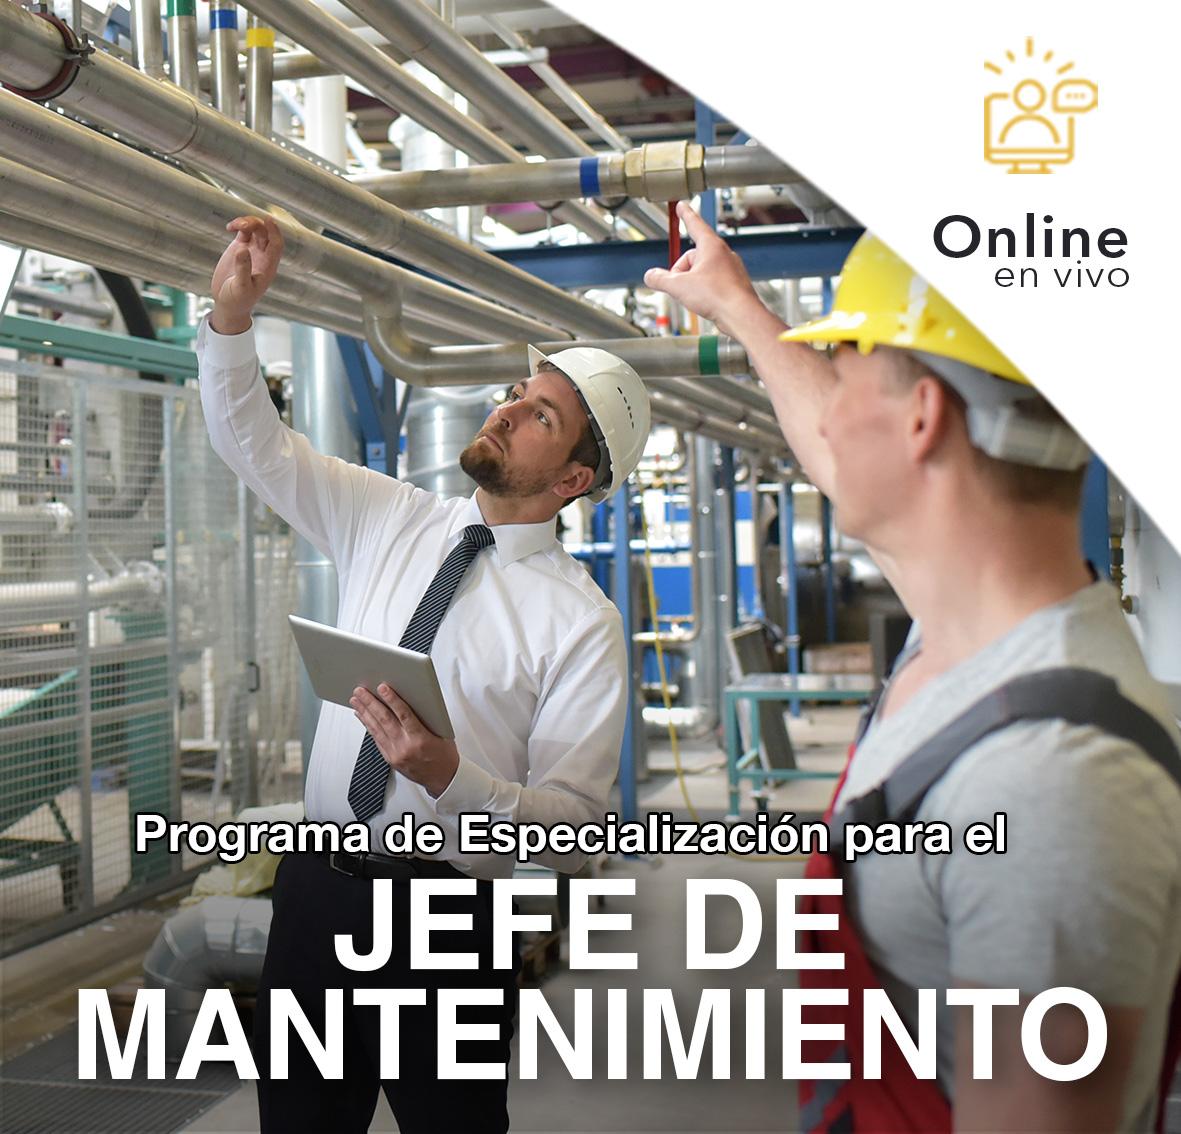 Programa de Especializacion para el Jefe de MANTENIMIENTO-Online en VIVO-